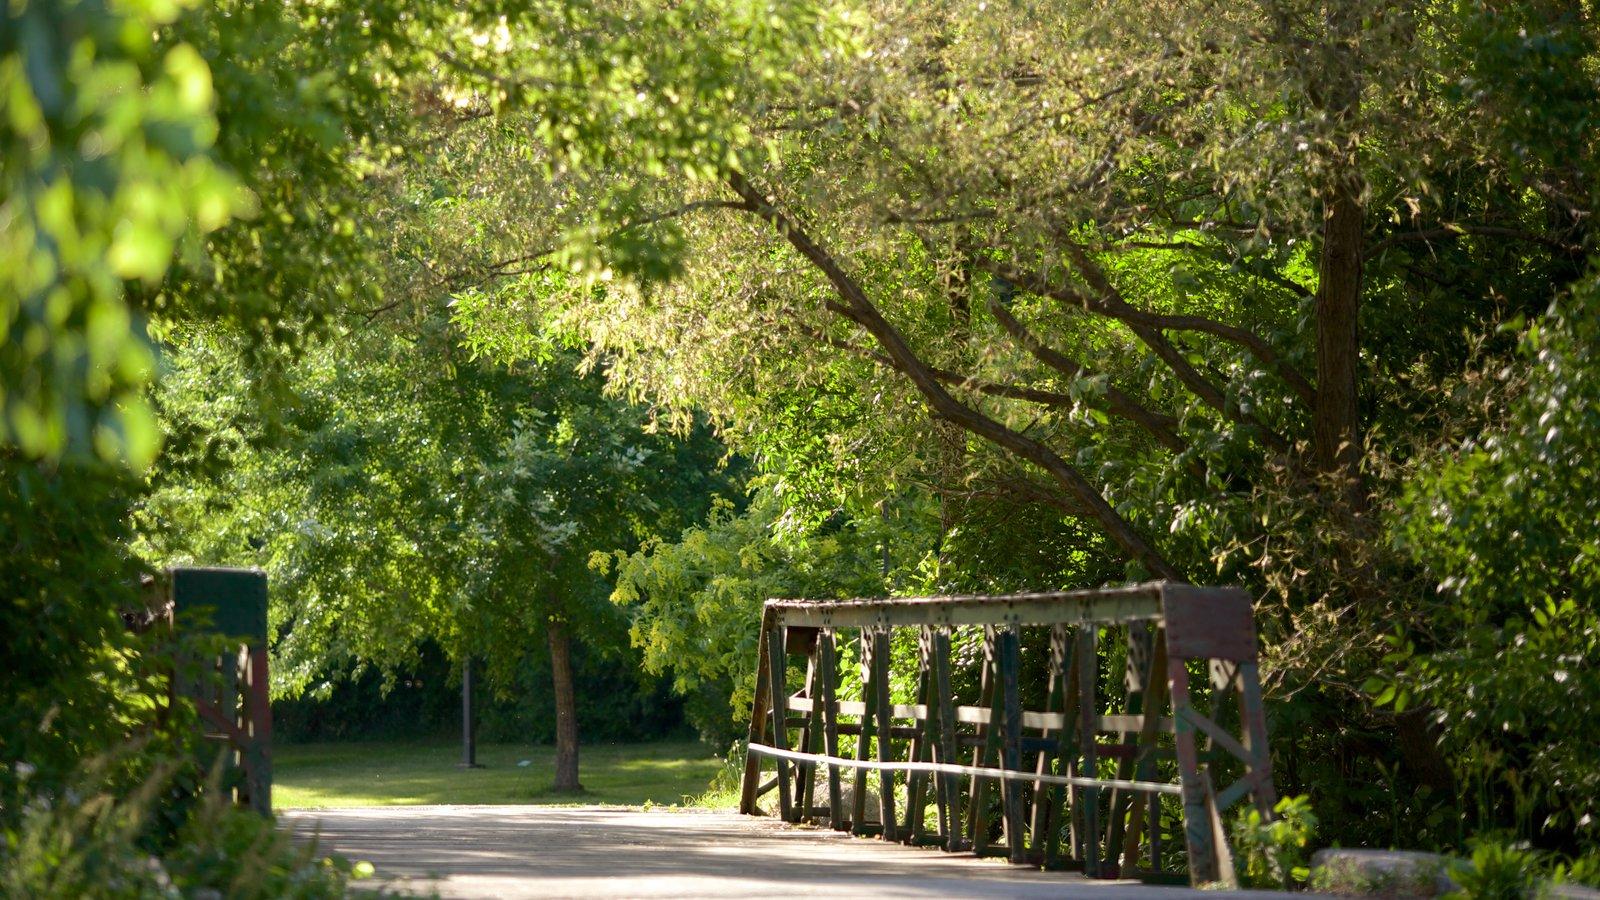 Collingwood que incluye un parque y un puente